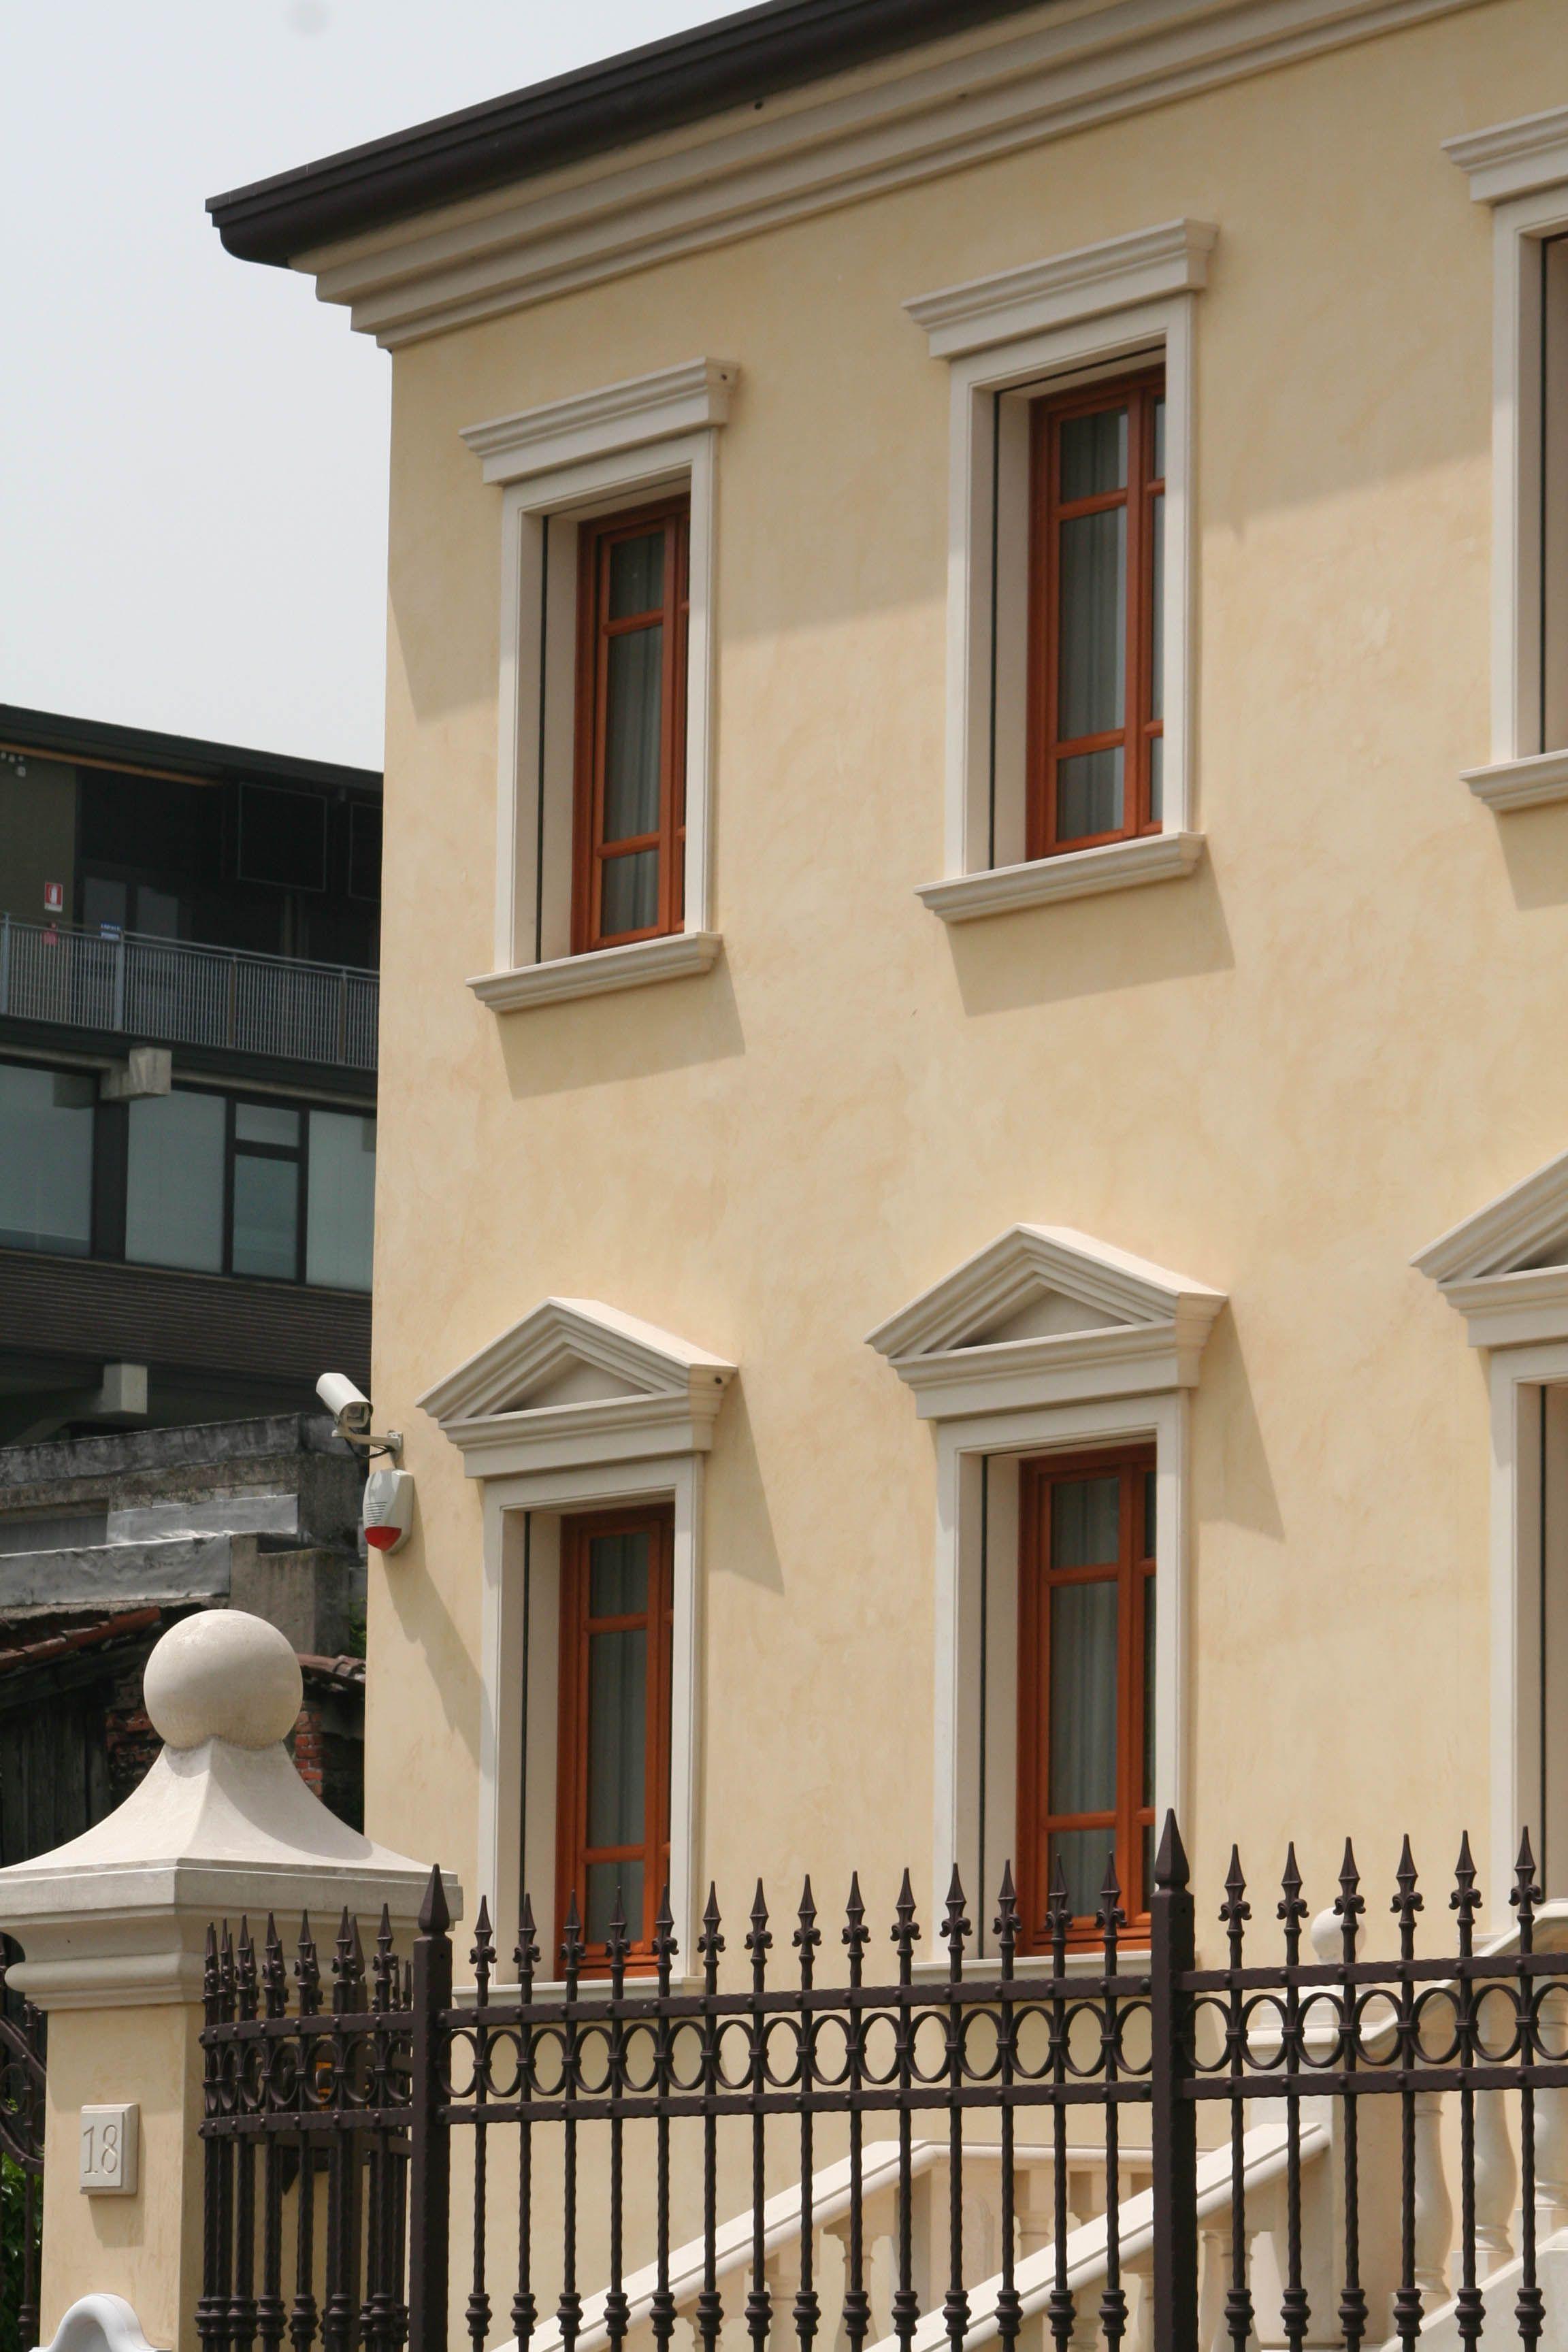 Angolari bugnati cornicioni per gronda decorazioni - Decorazioni in polistirolo ...